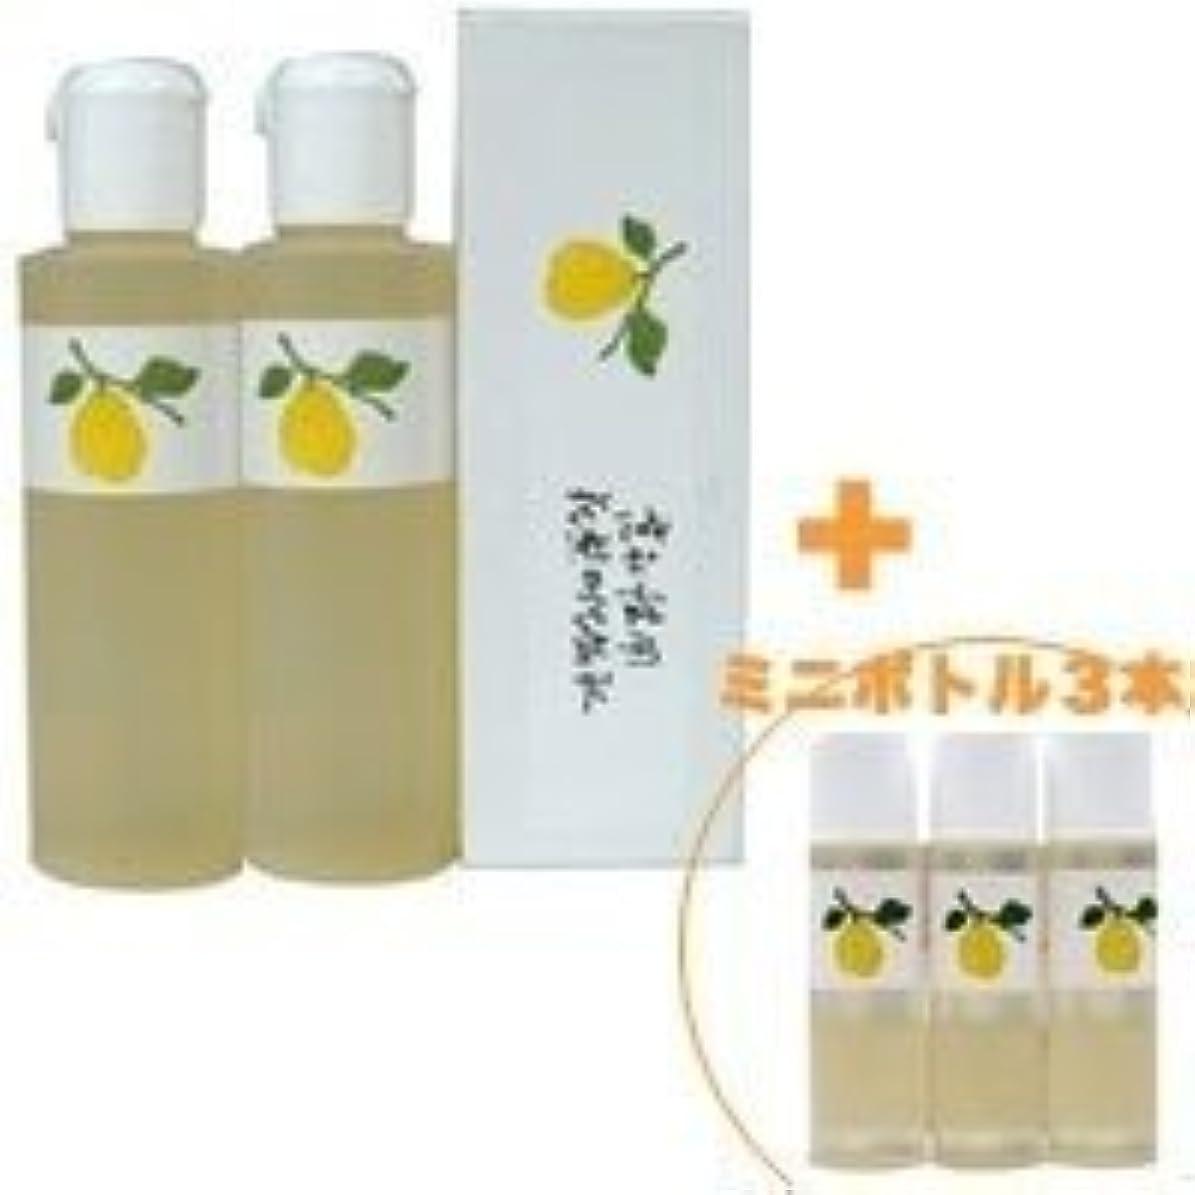 感謝皮神経衰弱花梨の化粧水 200ml 2本&ミニボトル 3本 美容液 栄養クリームのいらないお肌へ 保湿と乾燥対策に